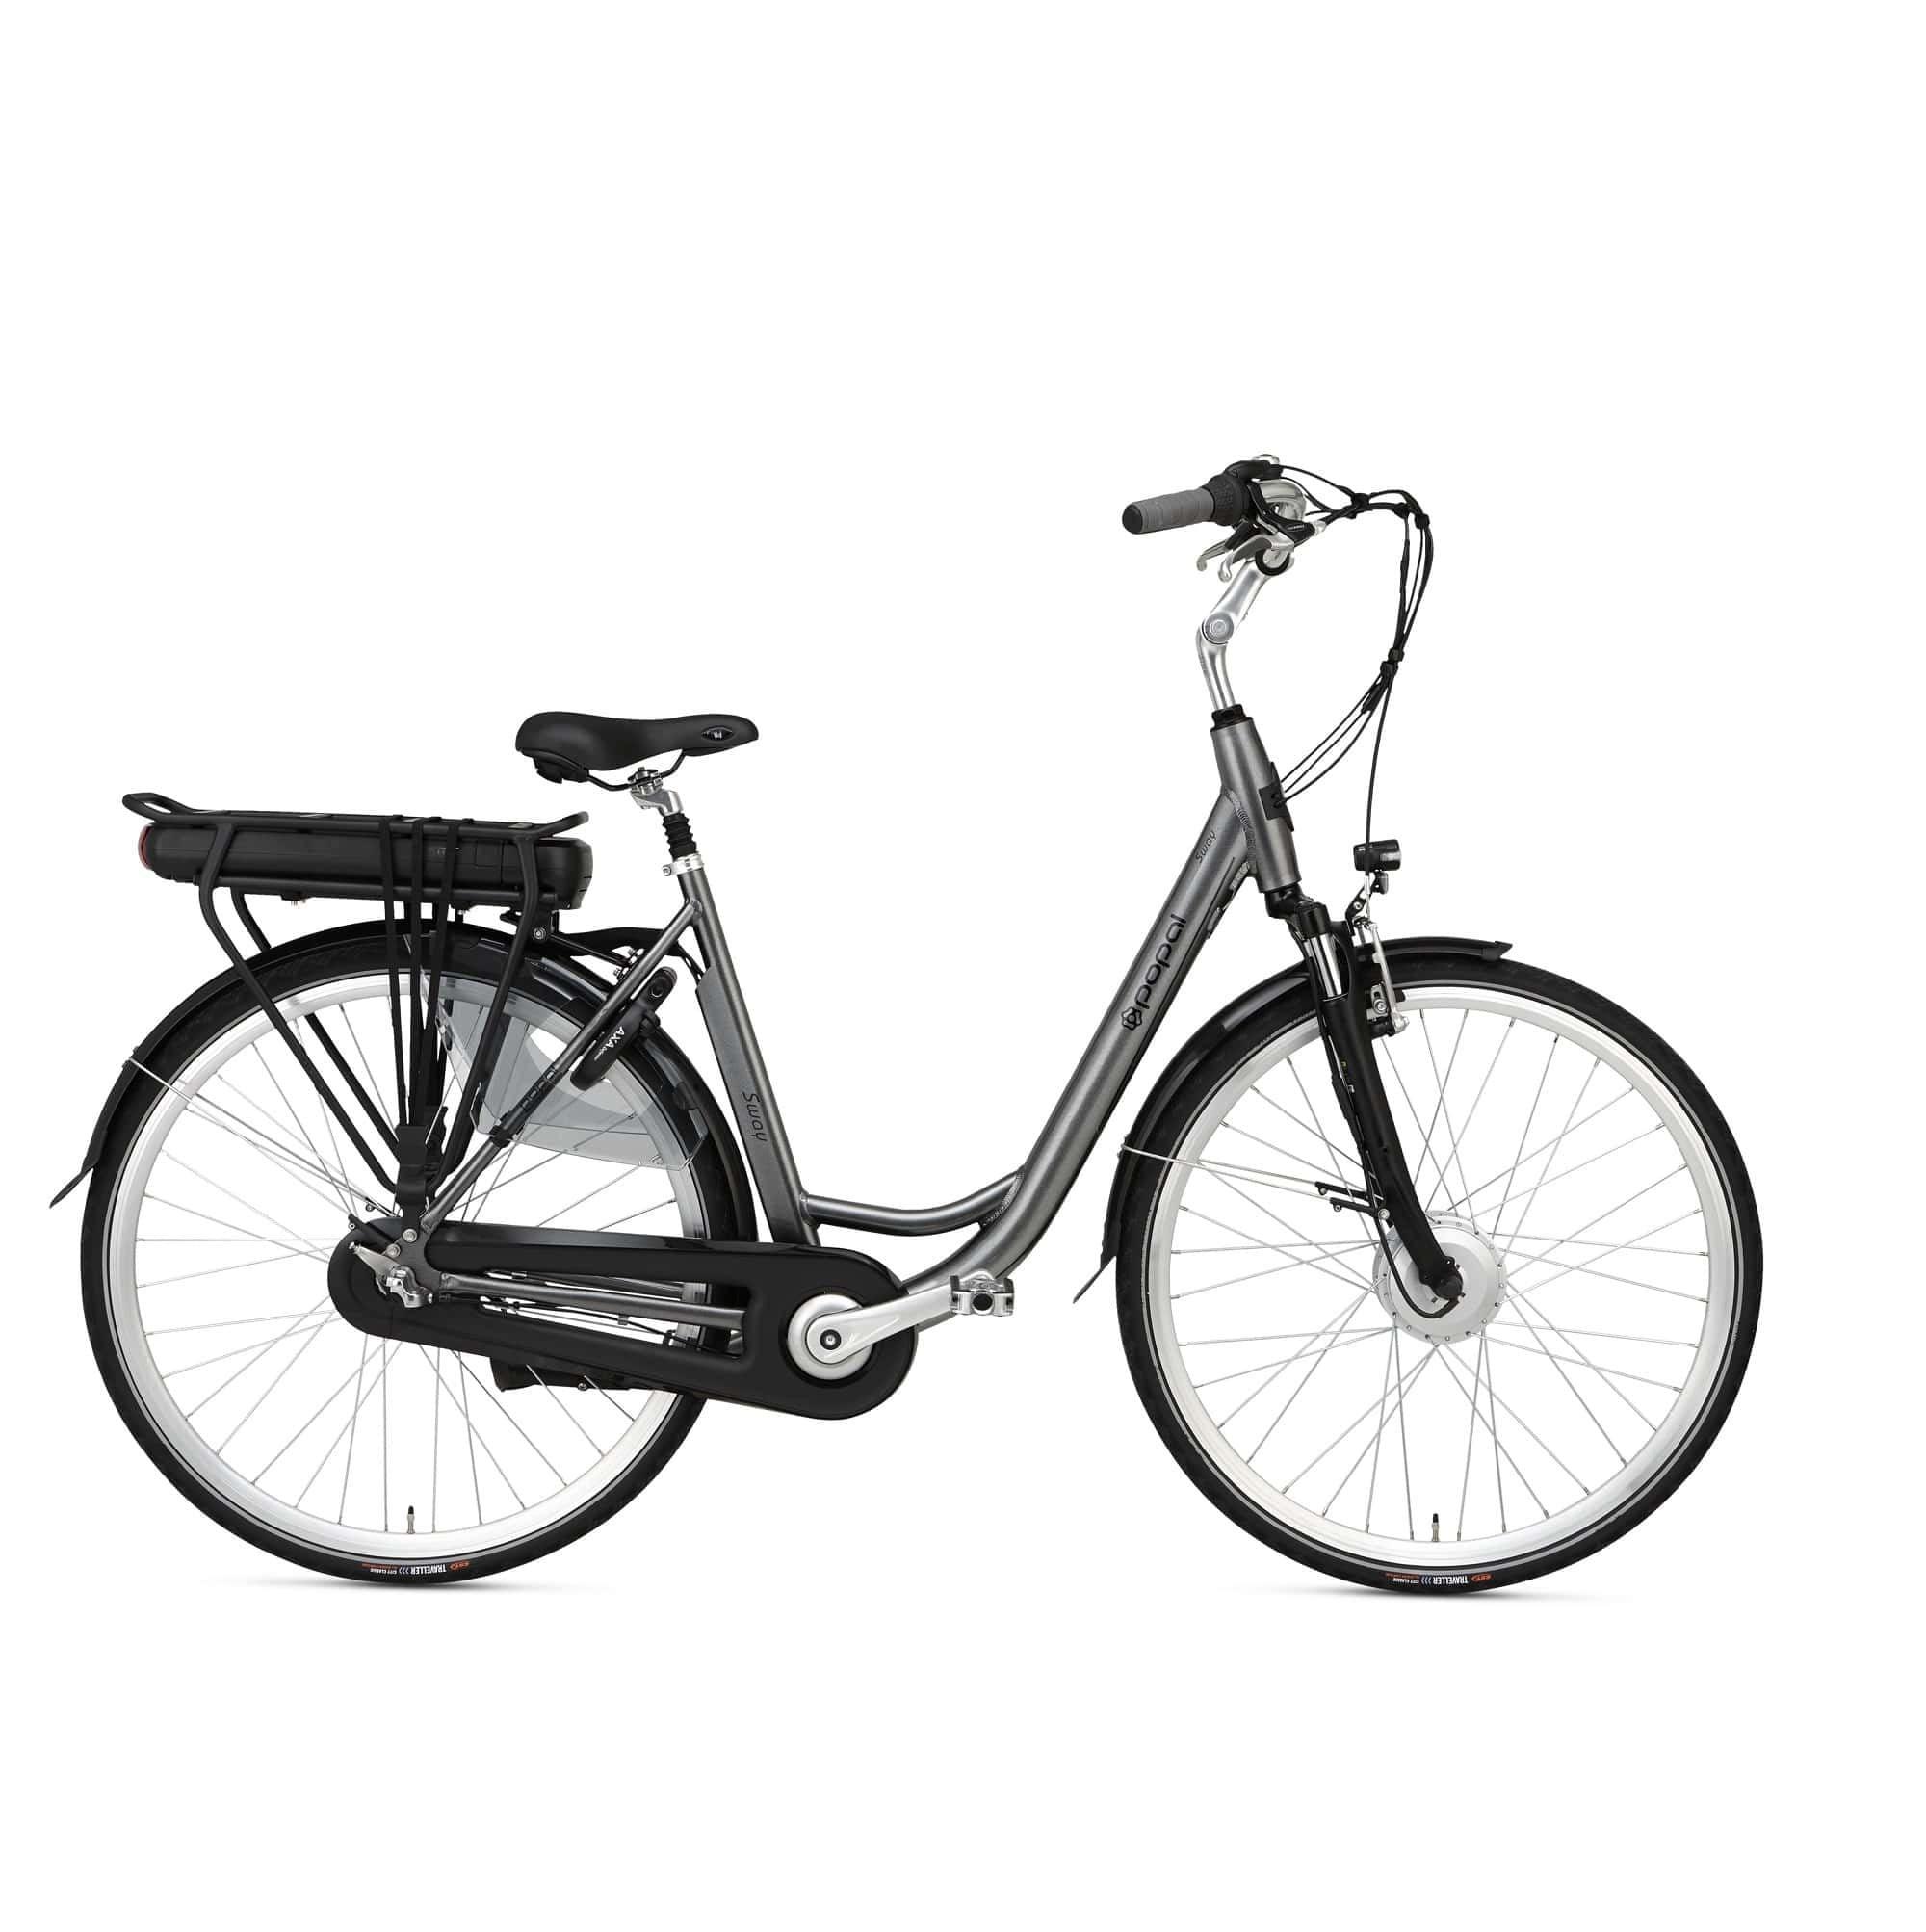 Popal-Sway-elektrische-fiets-1-min.jpg